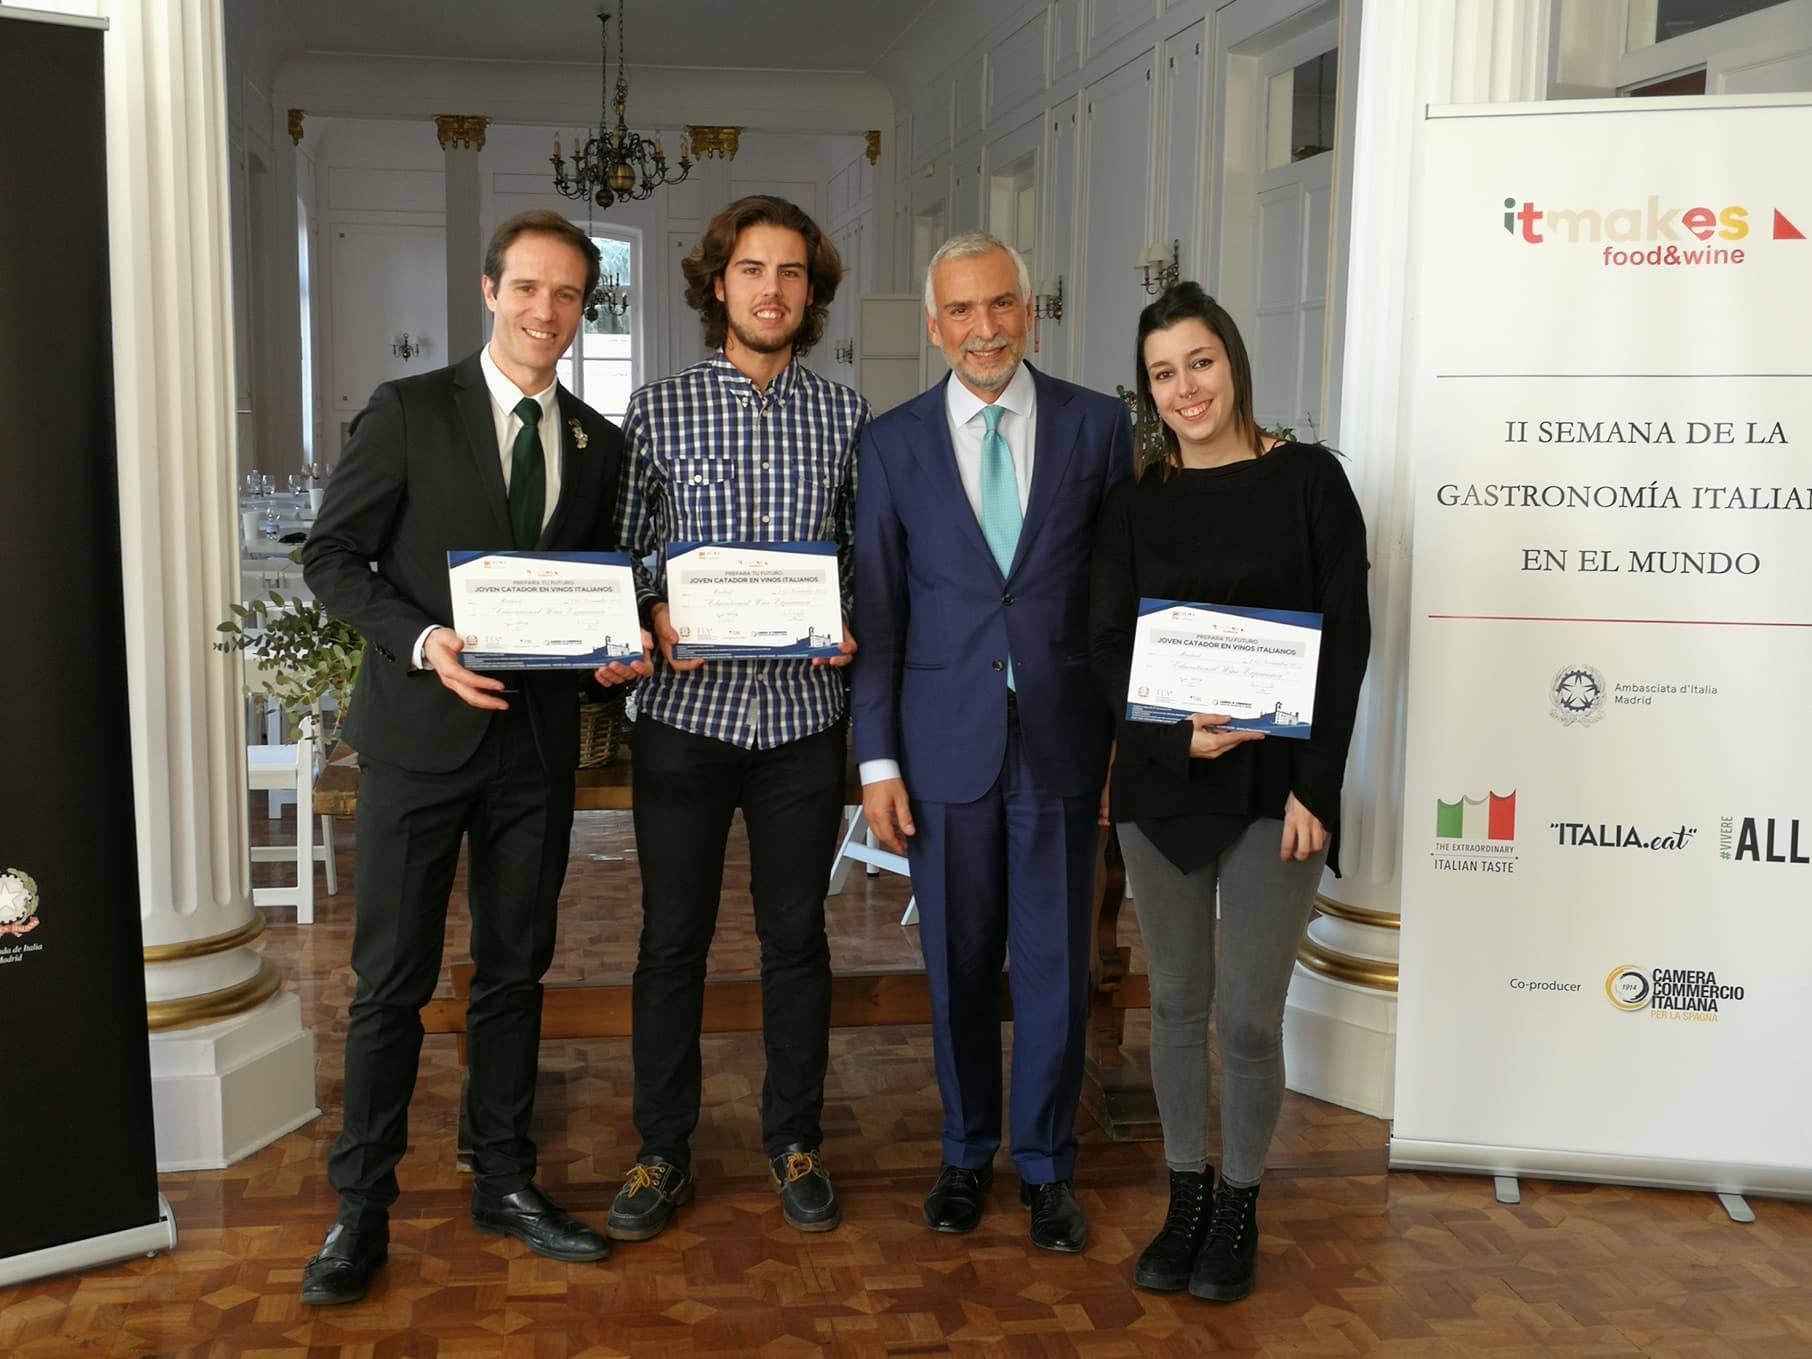 Los ganadores con el Embajador Stefano Sannino